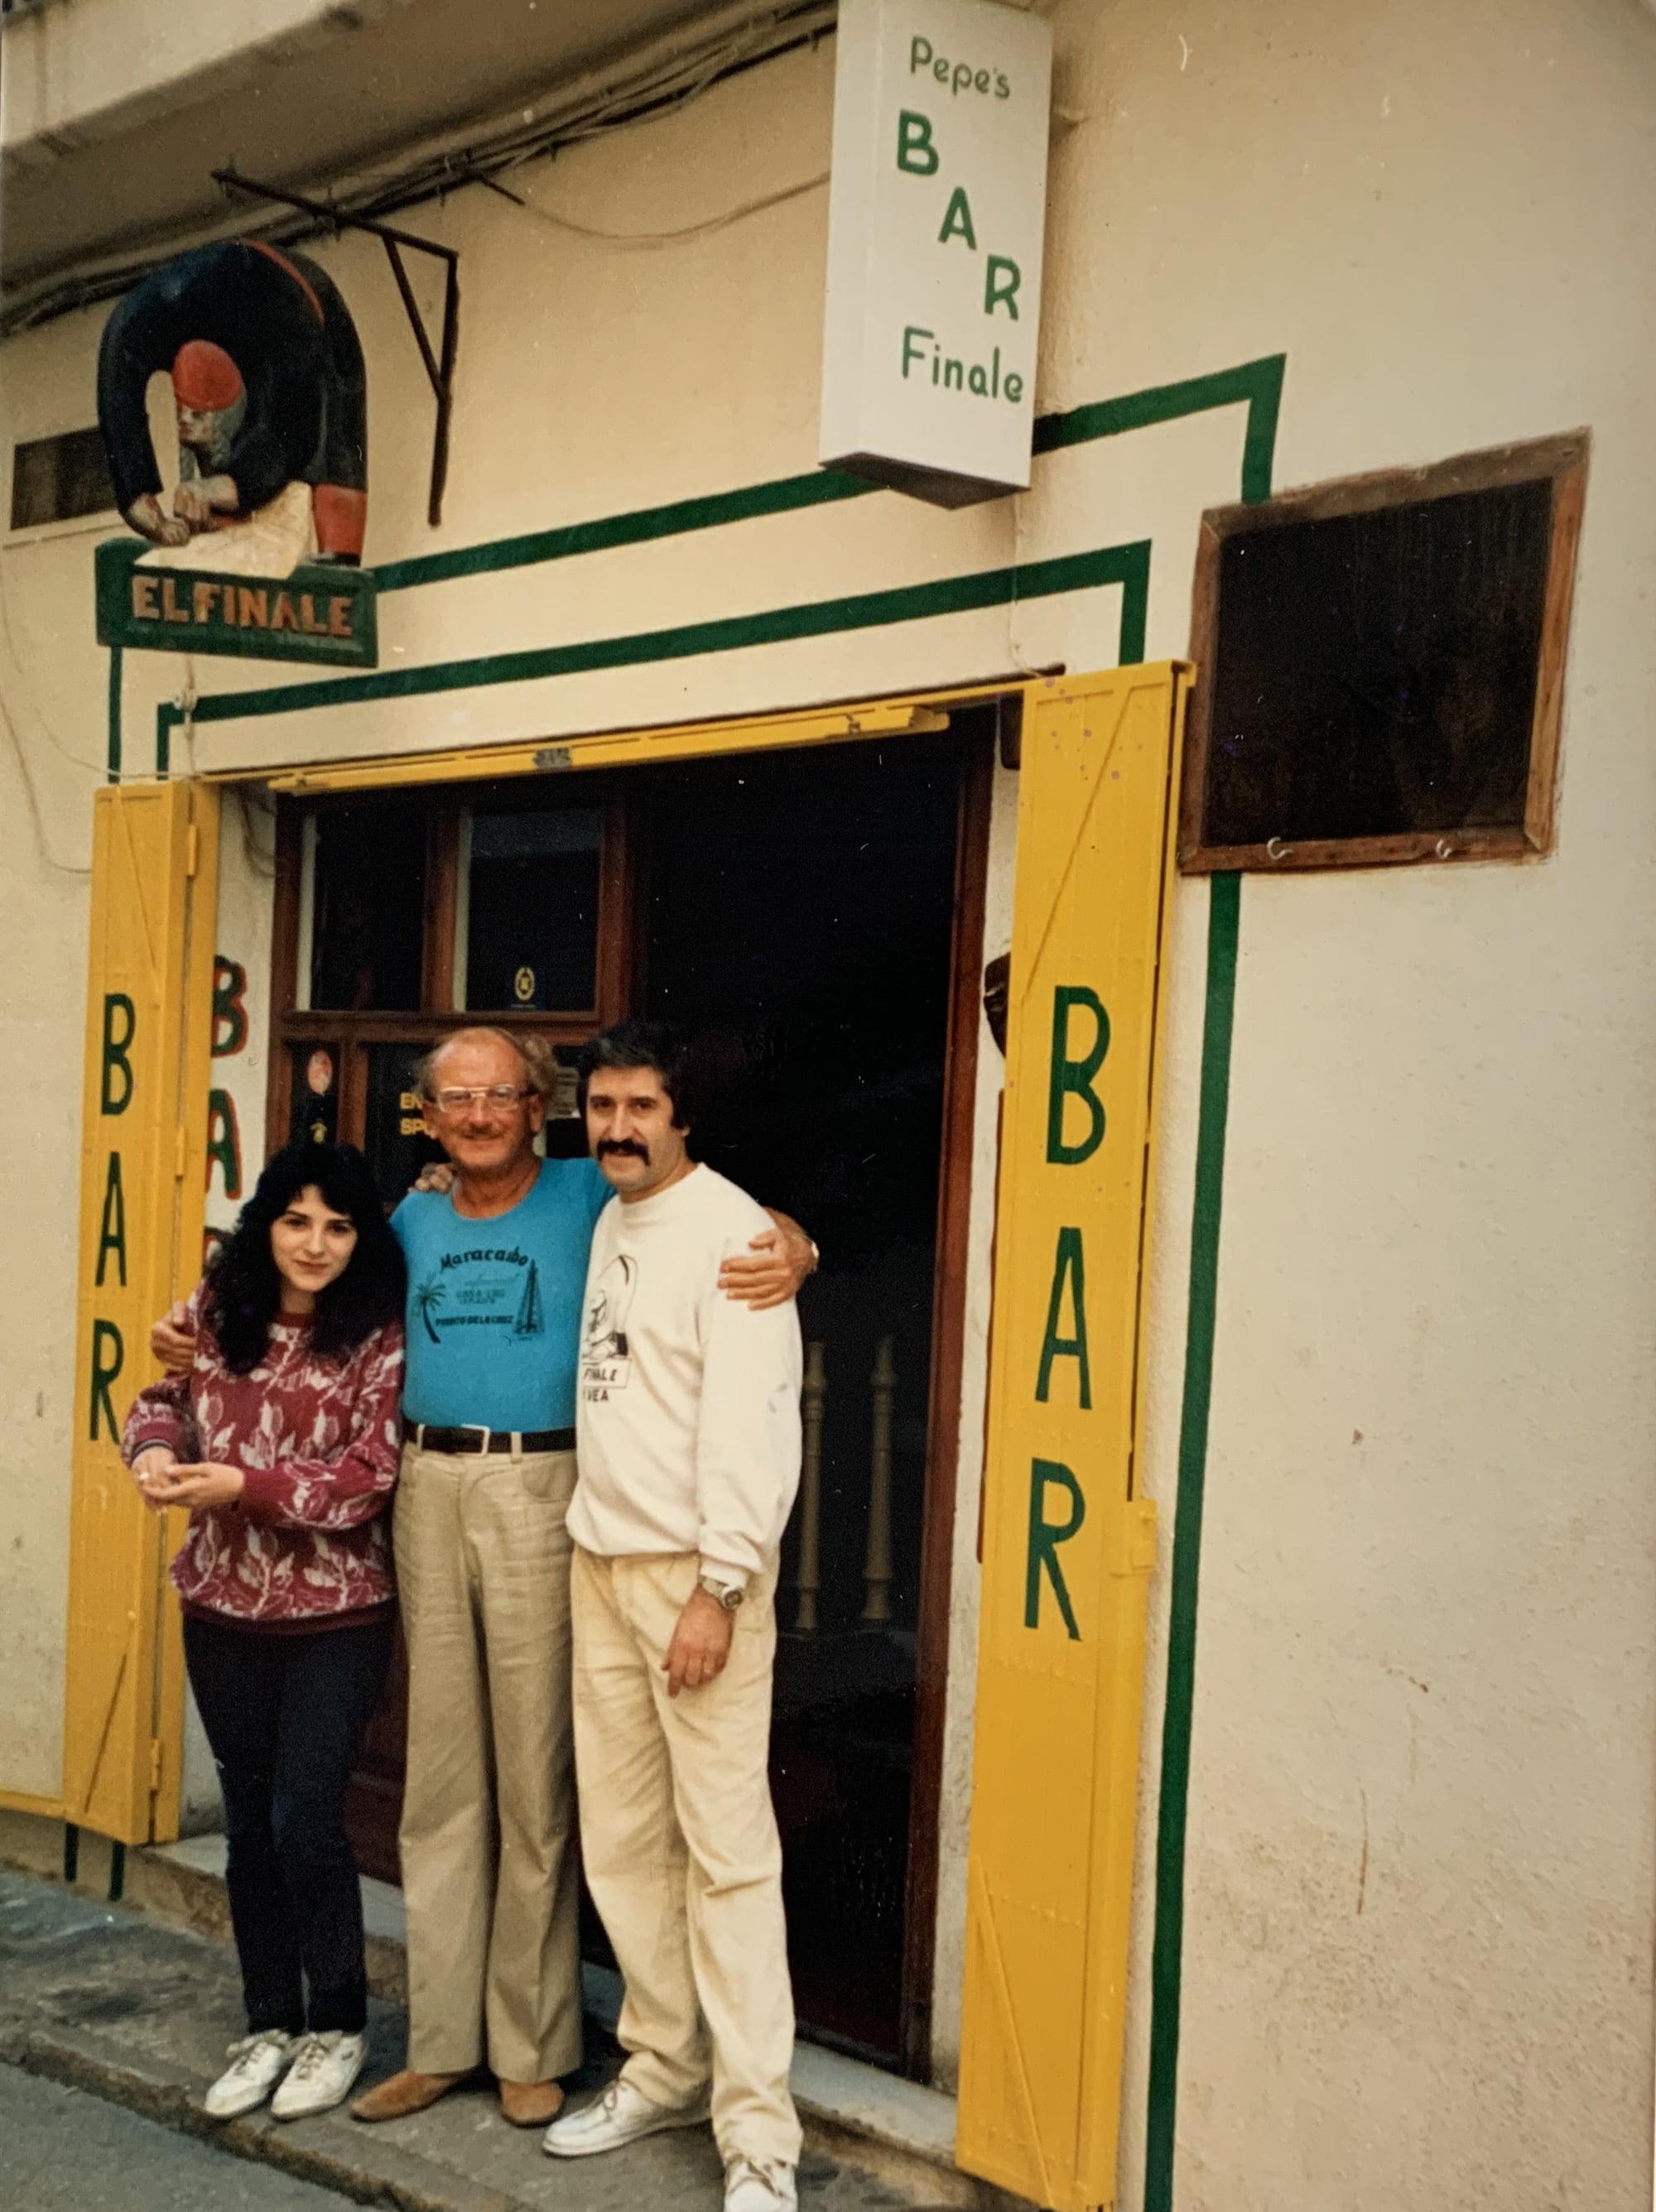 Pepe en el antiguo Finale y Pepe's Bar